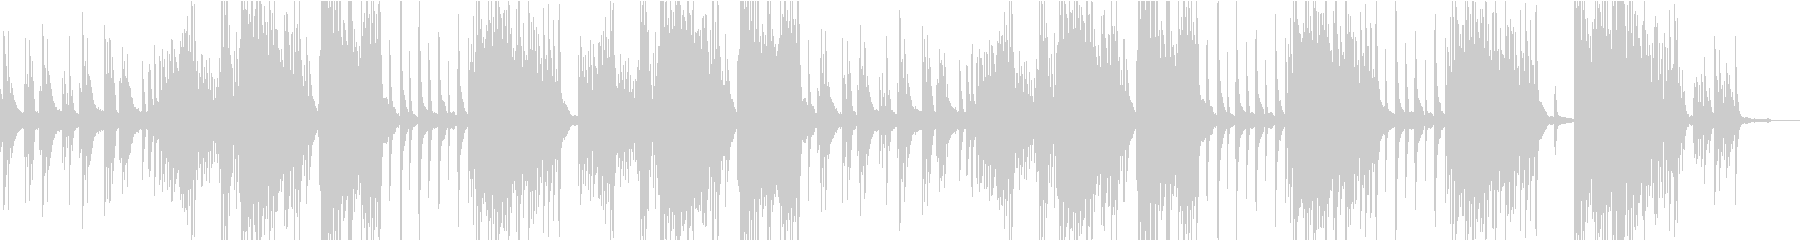 さりげない劇伴ピアノの未再生の波形